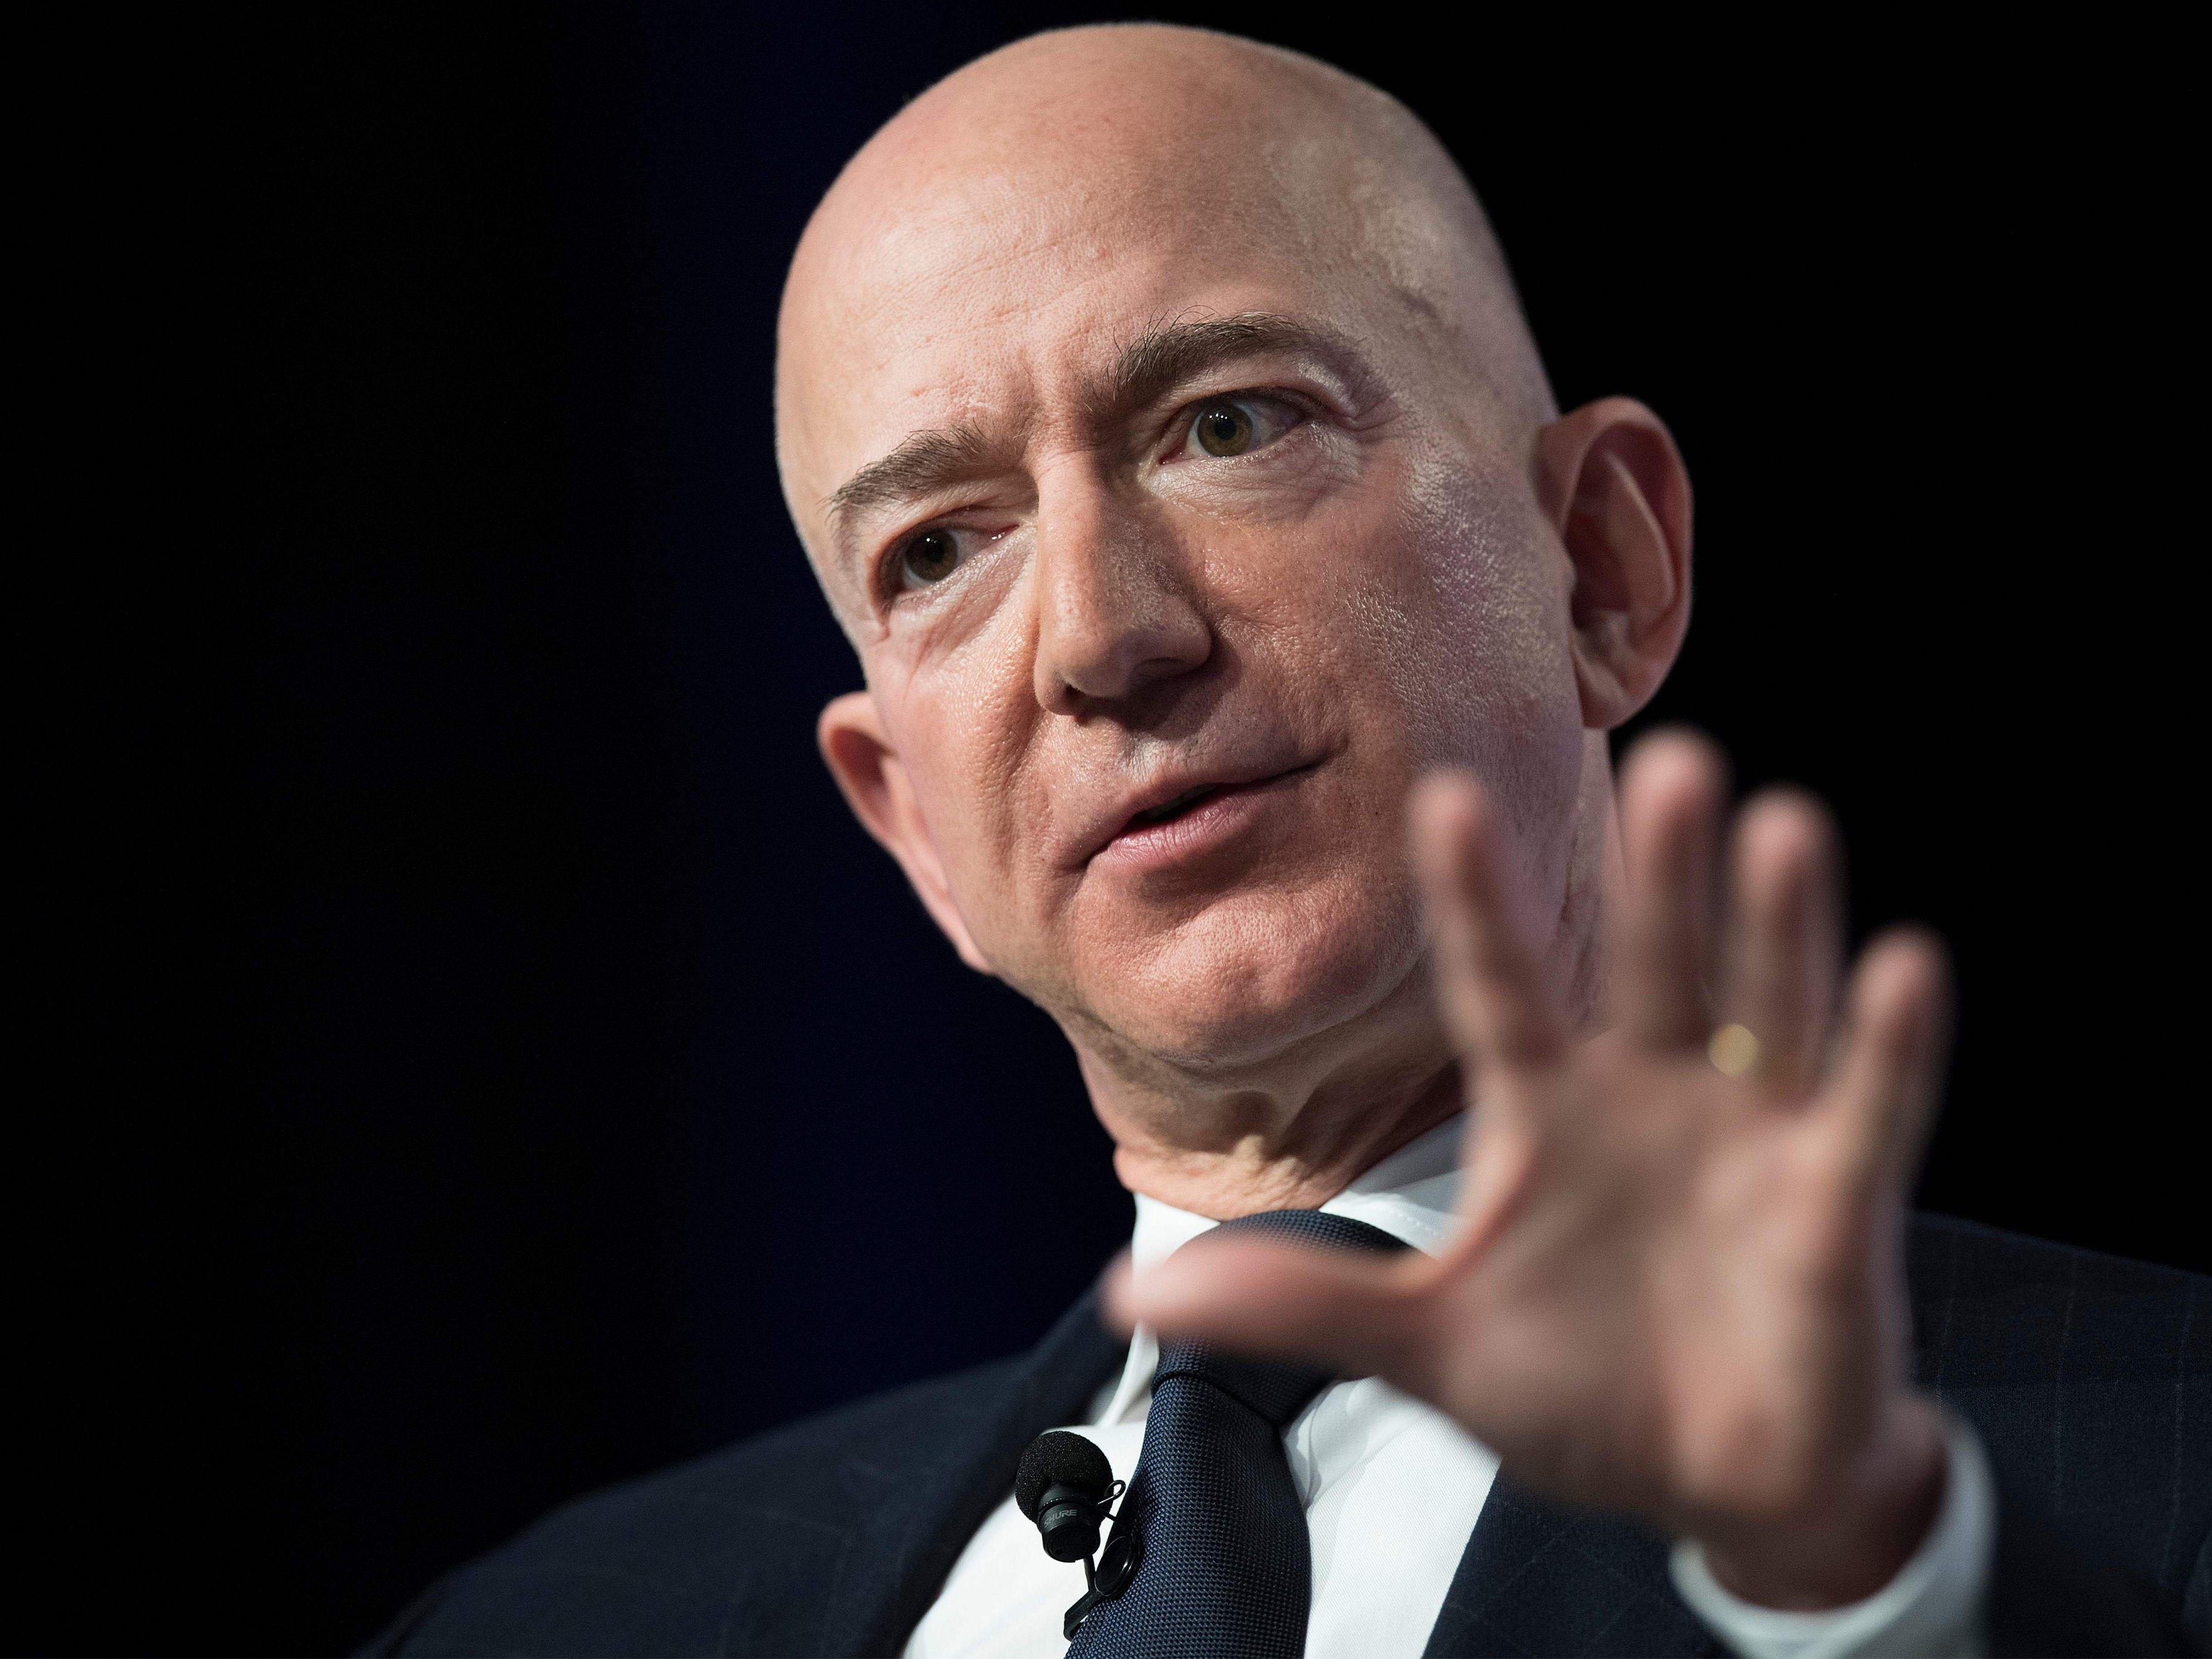 Stars           Jeff Bezos wirft Boulevardblatt Erpressung vor                           5 Kommentare